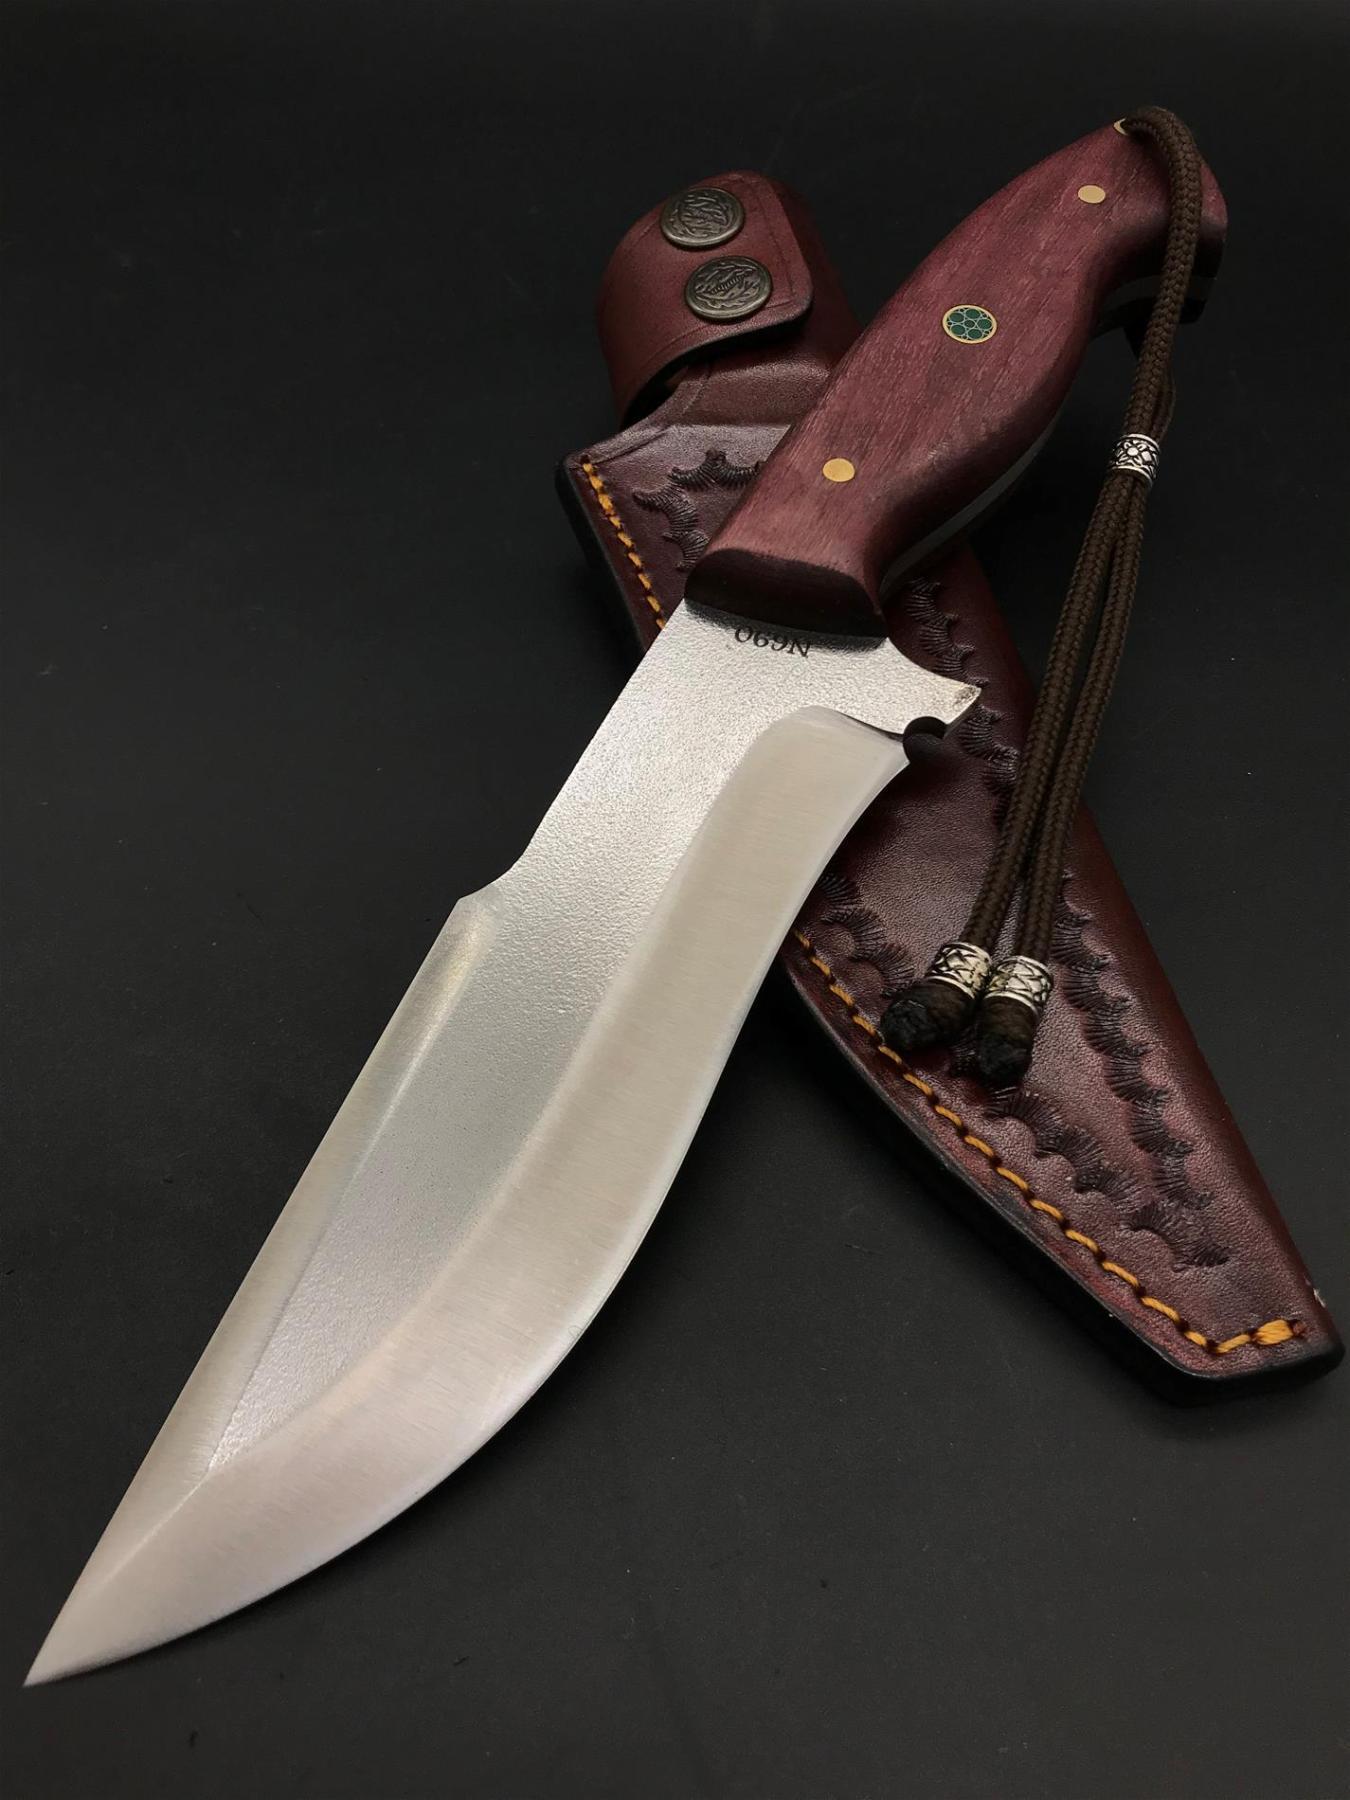 BOHLER N690 Camping Knife BB04-5